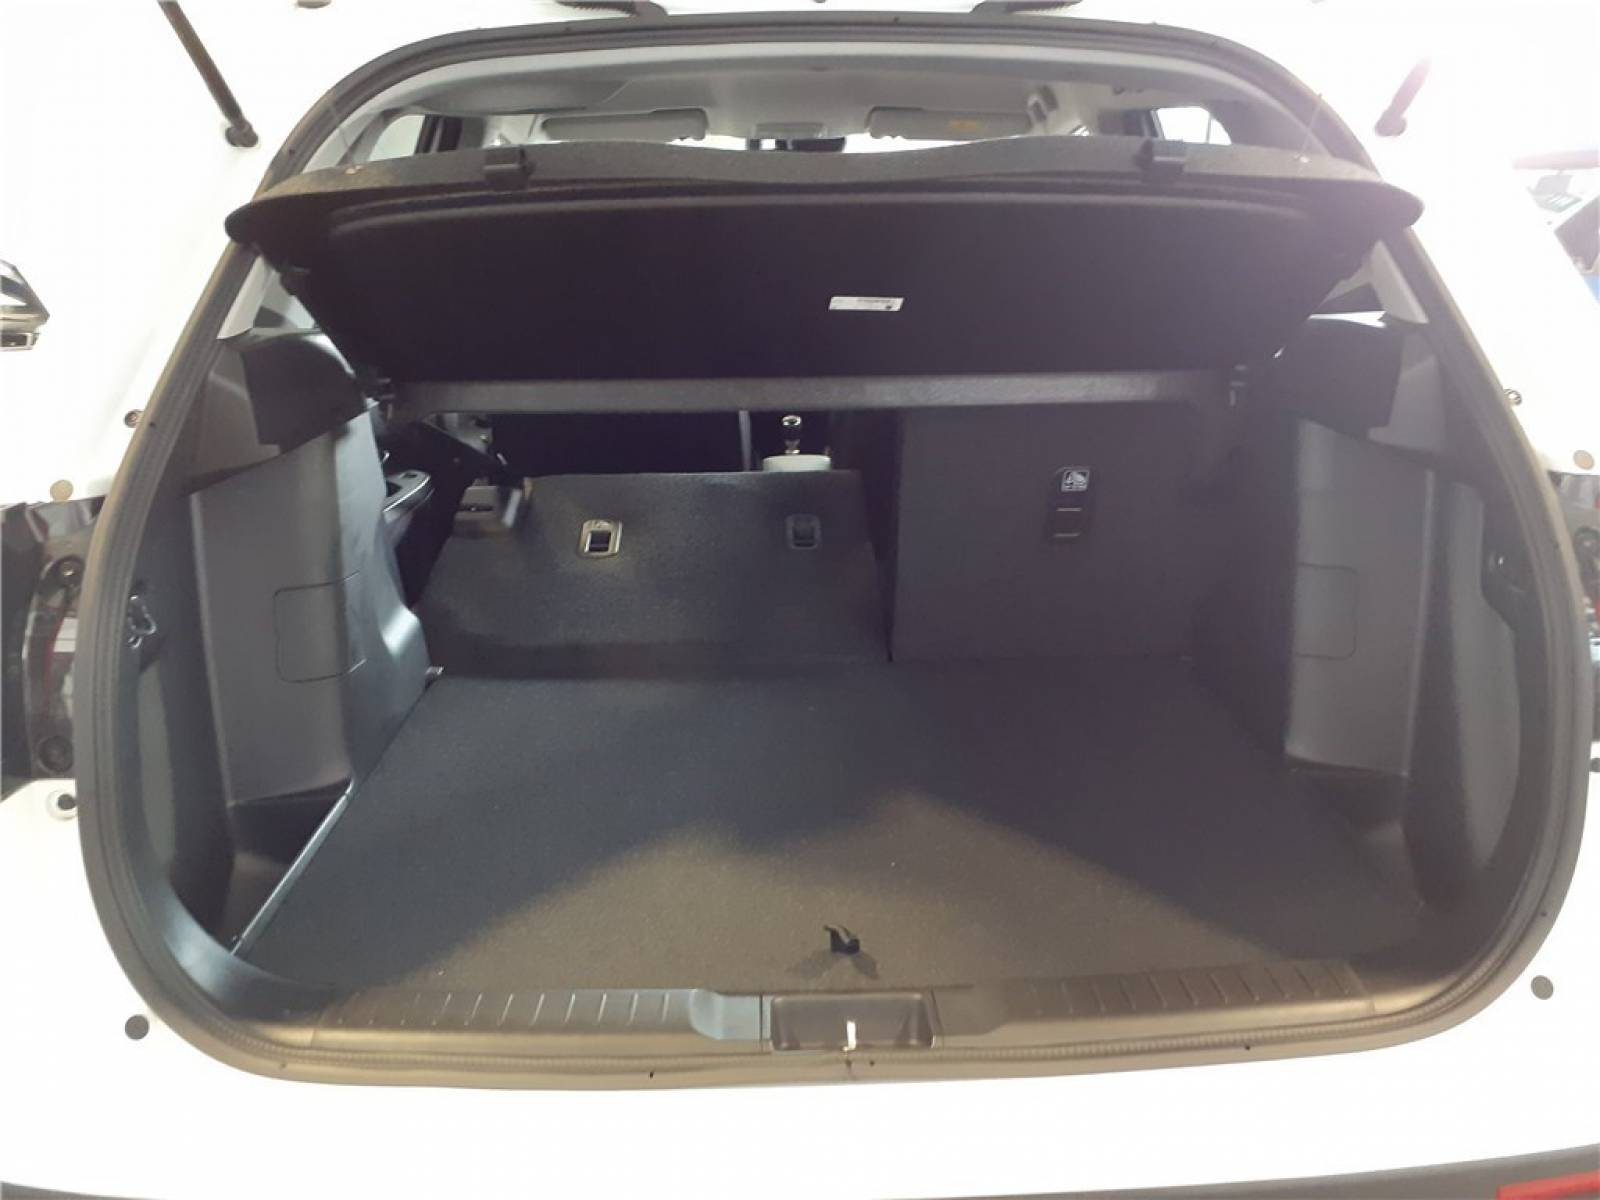 SUZUKI Vitara 1.4 Boosterjet Hybrid - véhicule d'occasion - Groupe Guillet - Hall de l'automobile - Chalon sur Saône - 71380 - Saint-Marcel - 41